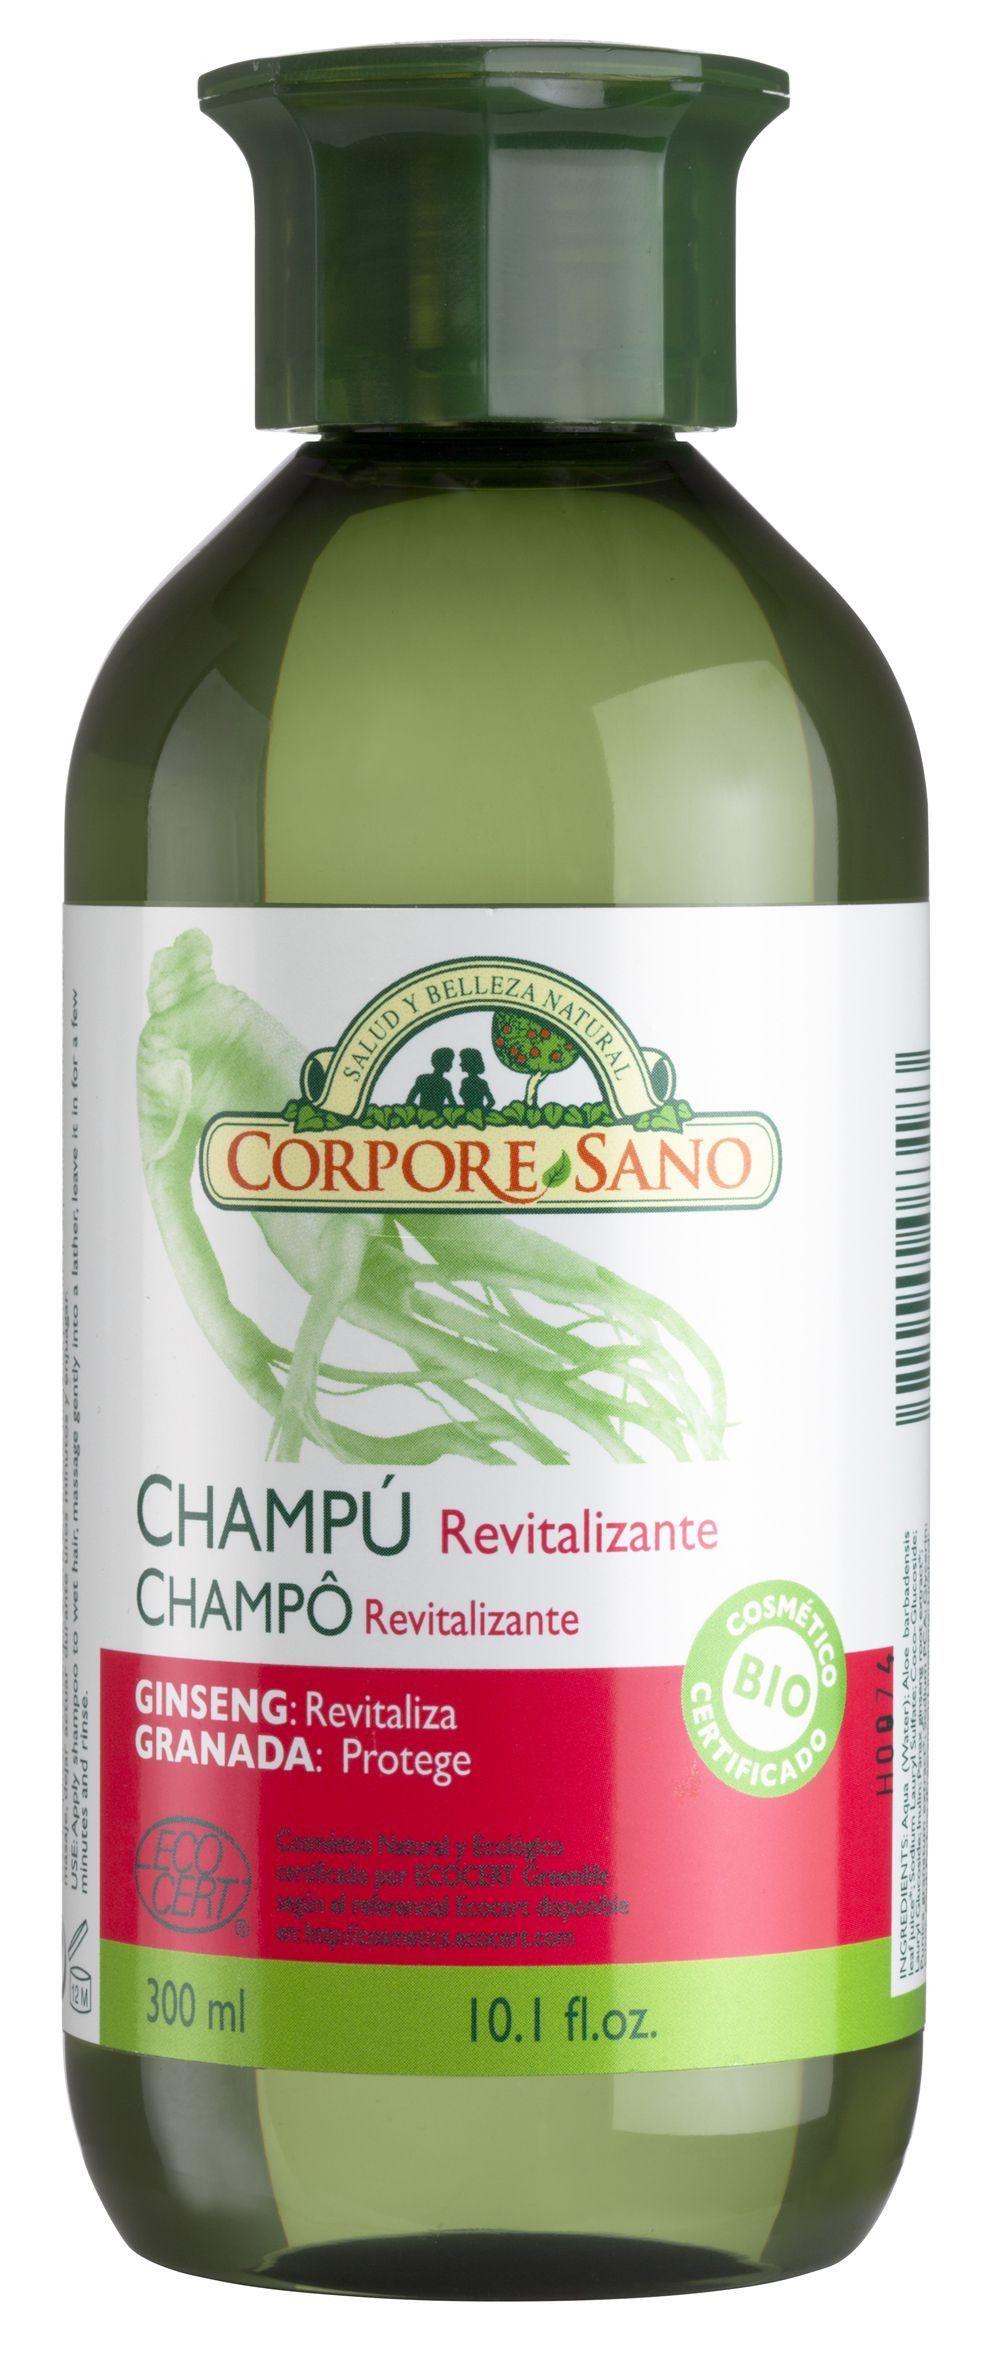 Corpore Sano Champú Revitalizante Ginseng Granada 300ml